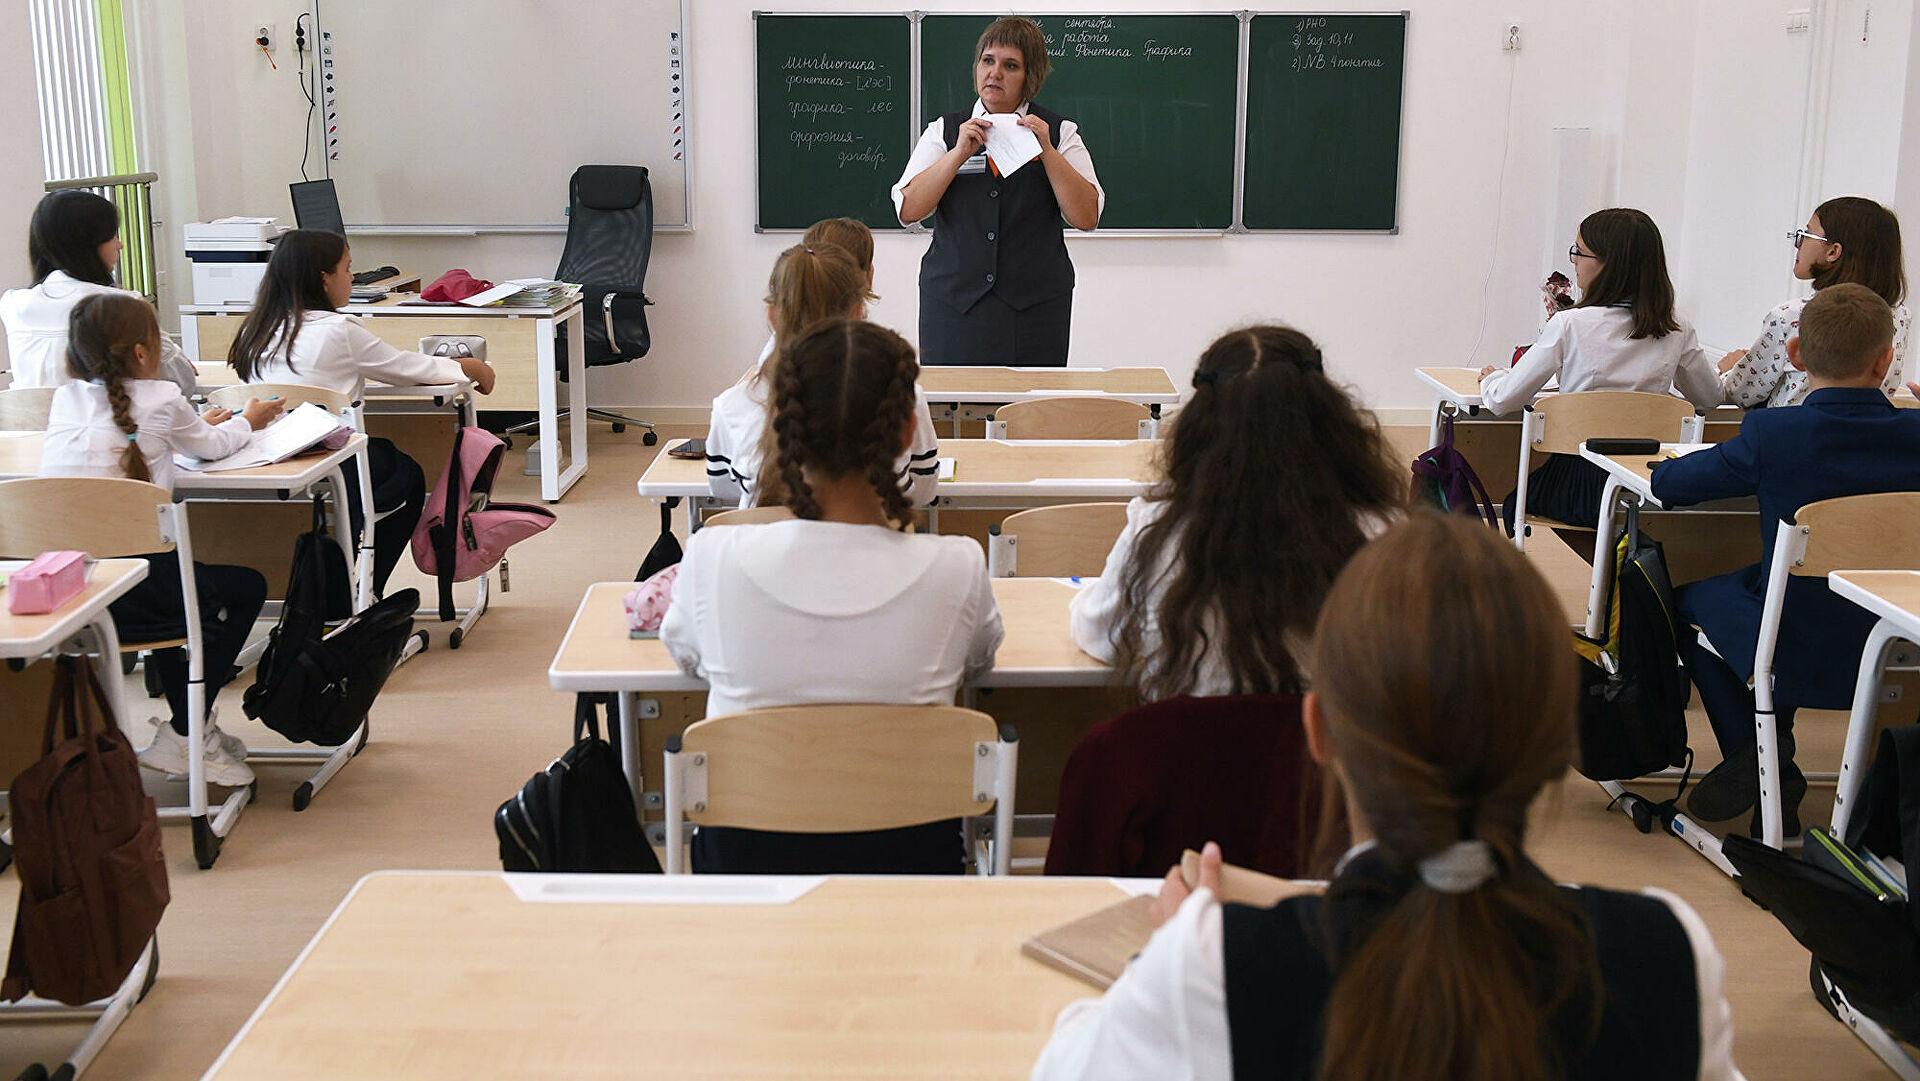 В российских школах хотят ввести уроки по финансовой грамотности